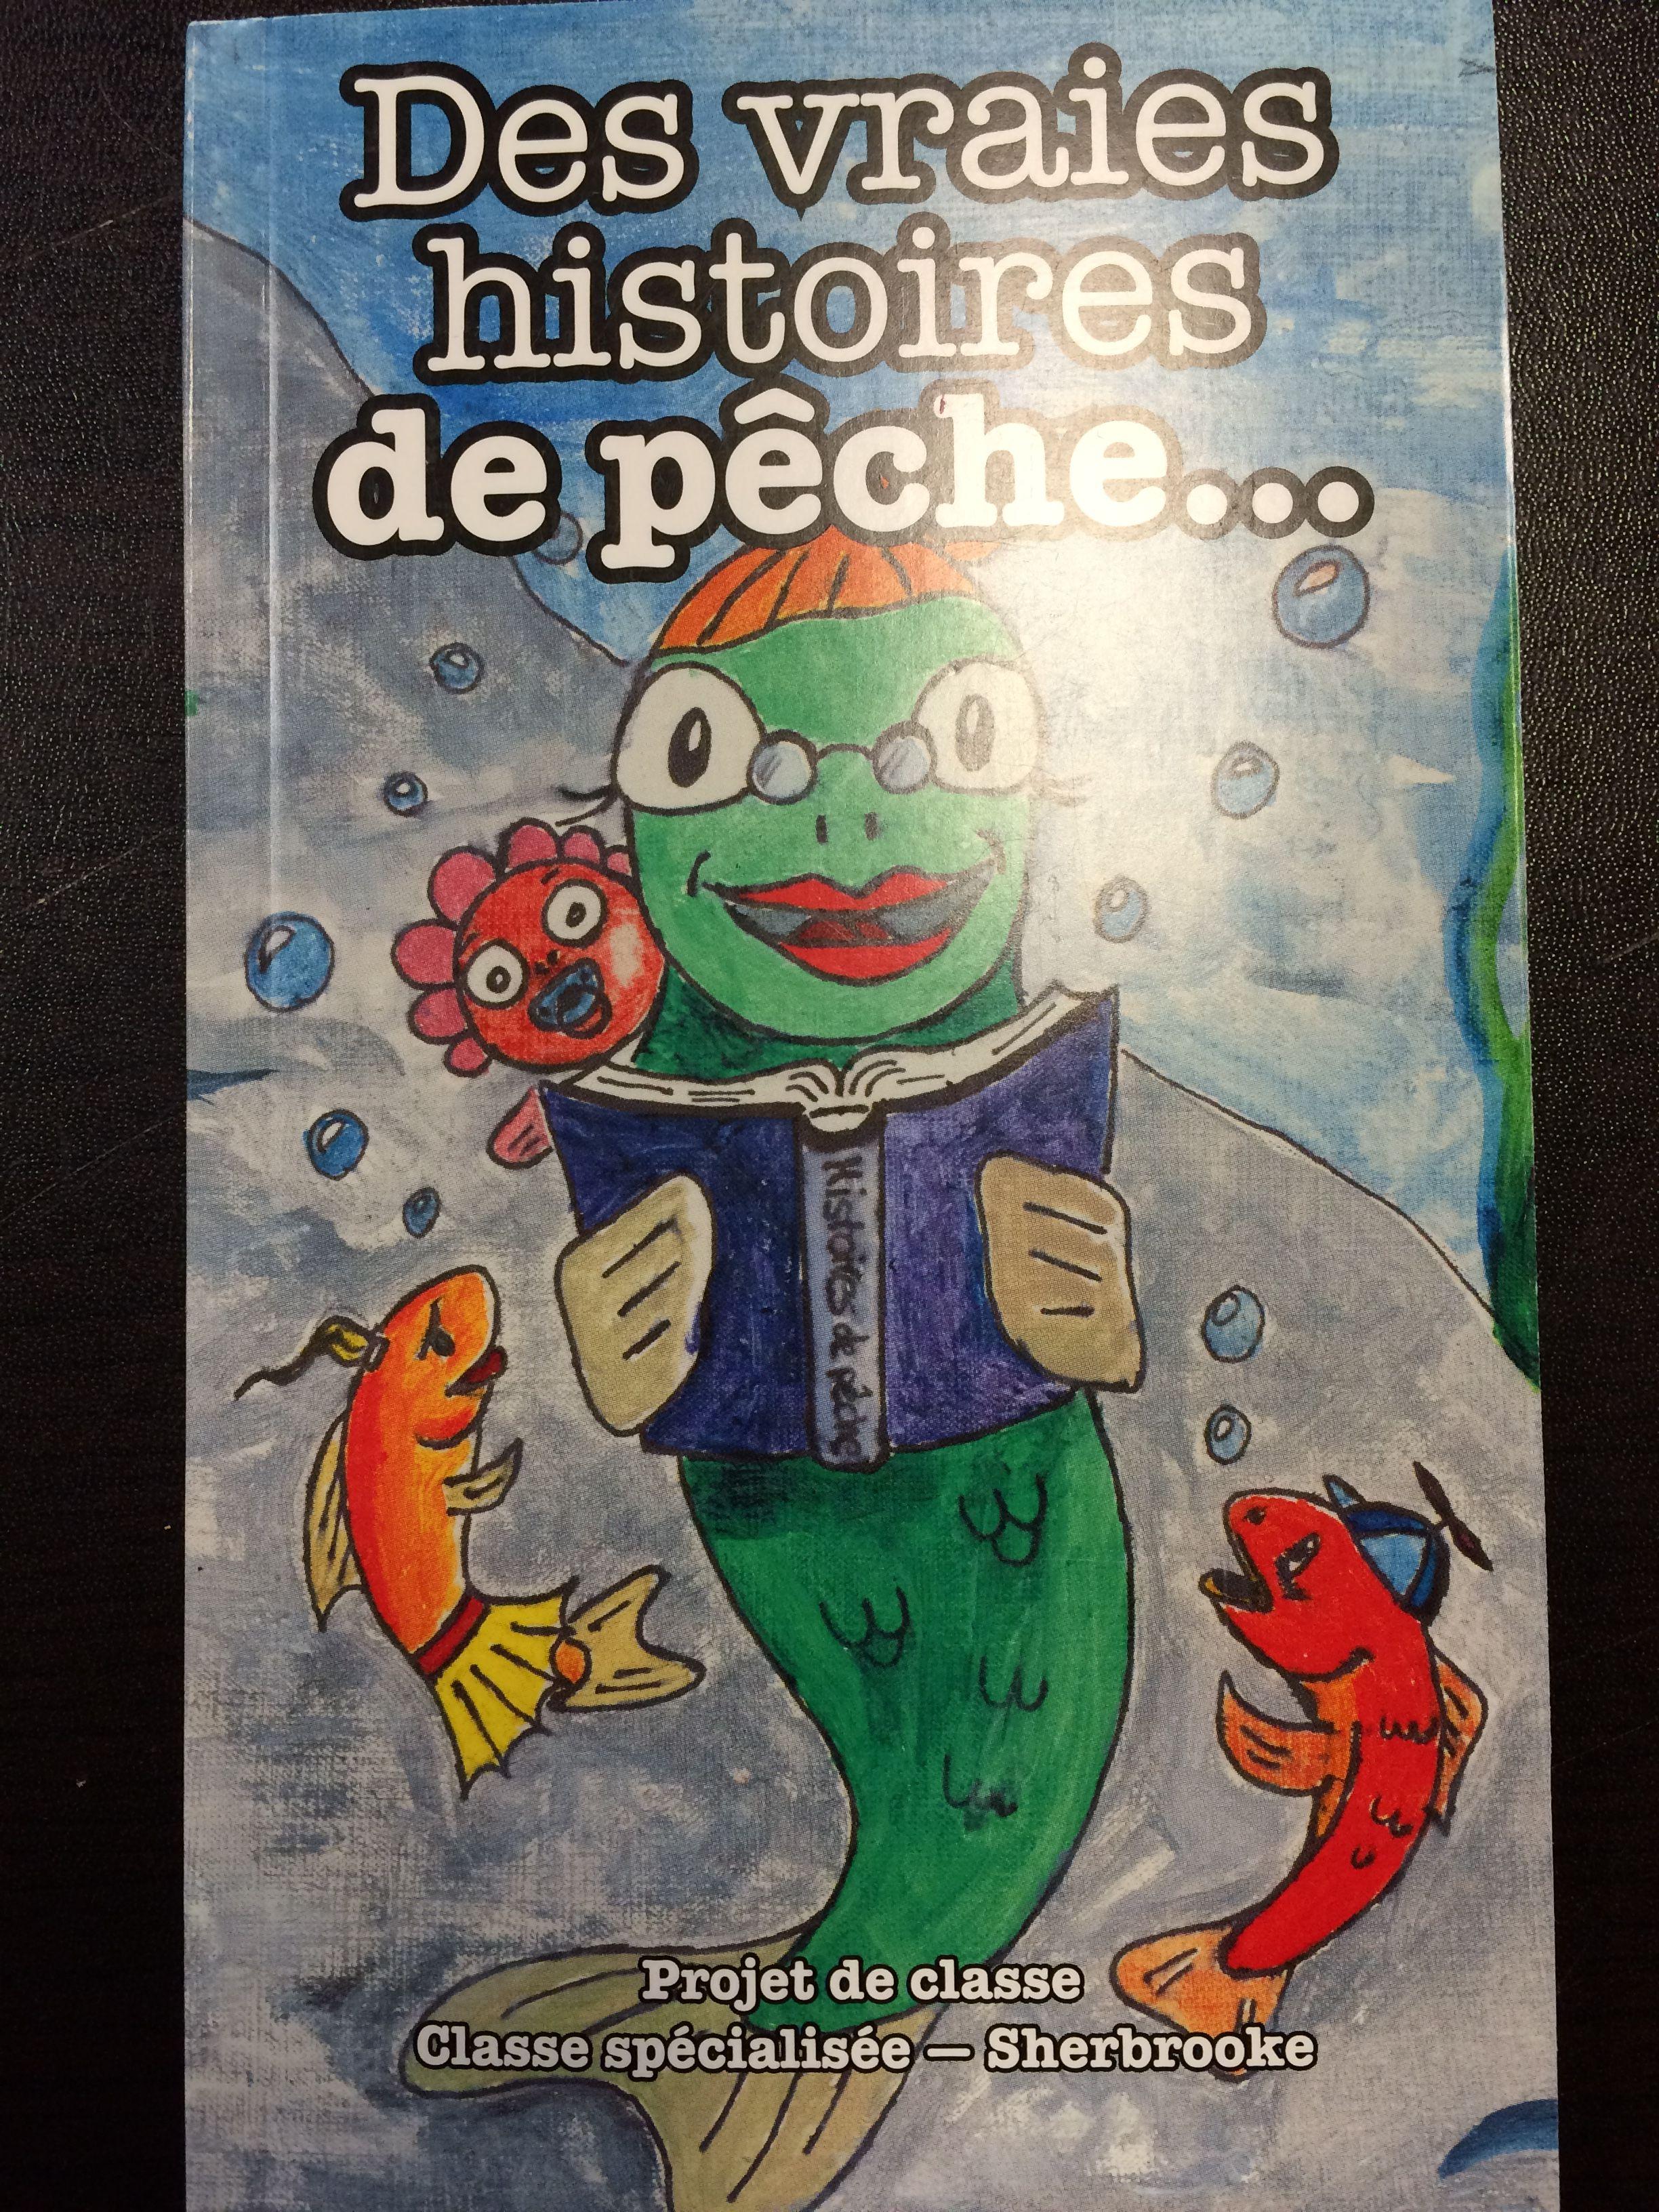 Des vraies histoires de pêche...